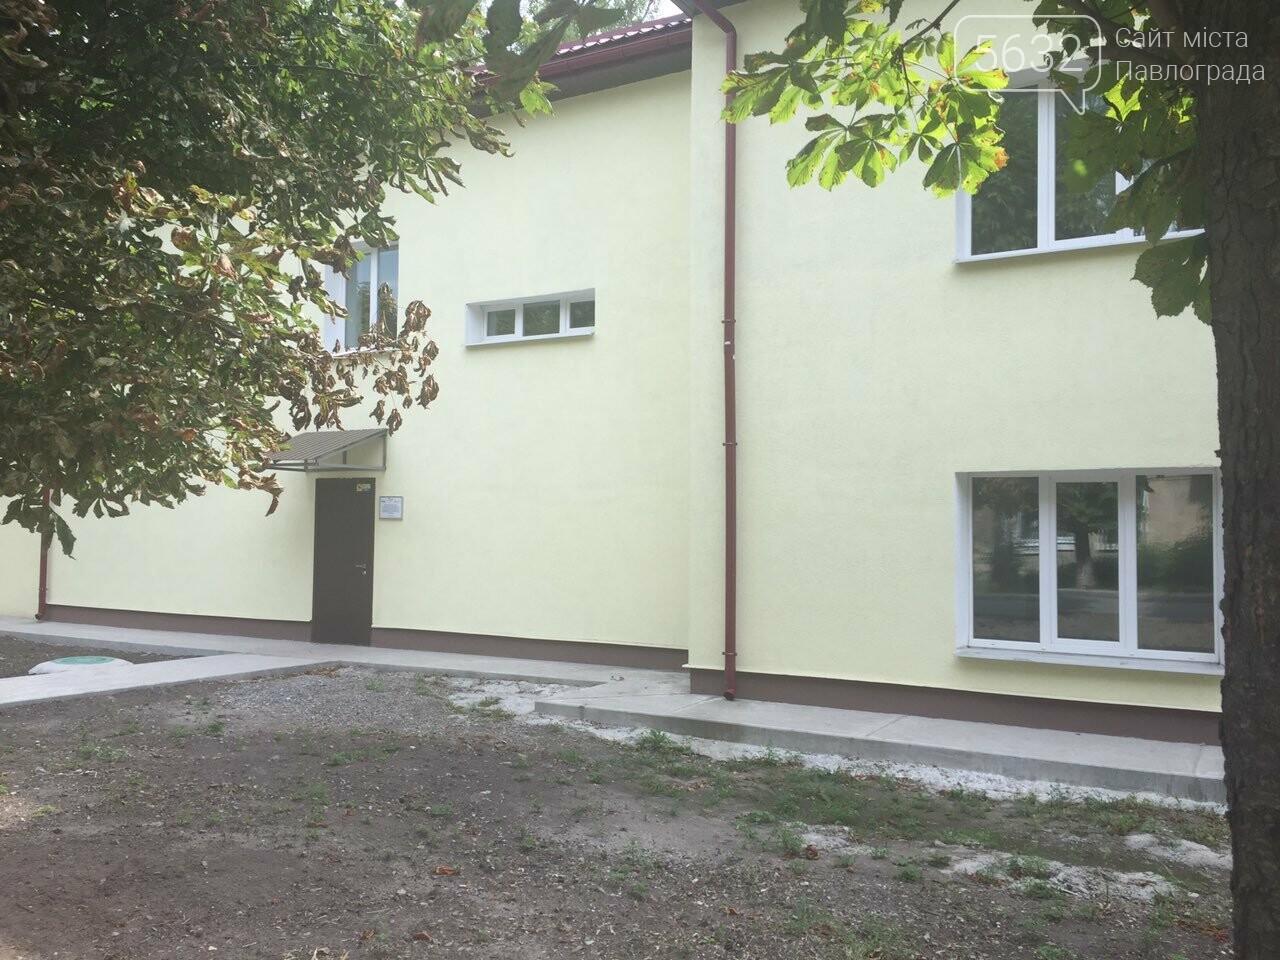 Дом для переселенцев в Павлограде до сих пор пустует, фото-1